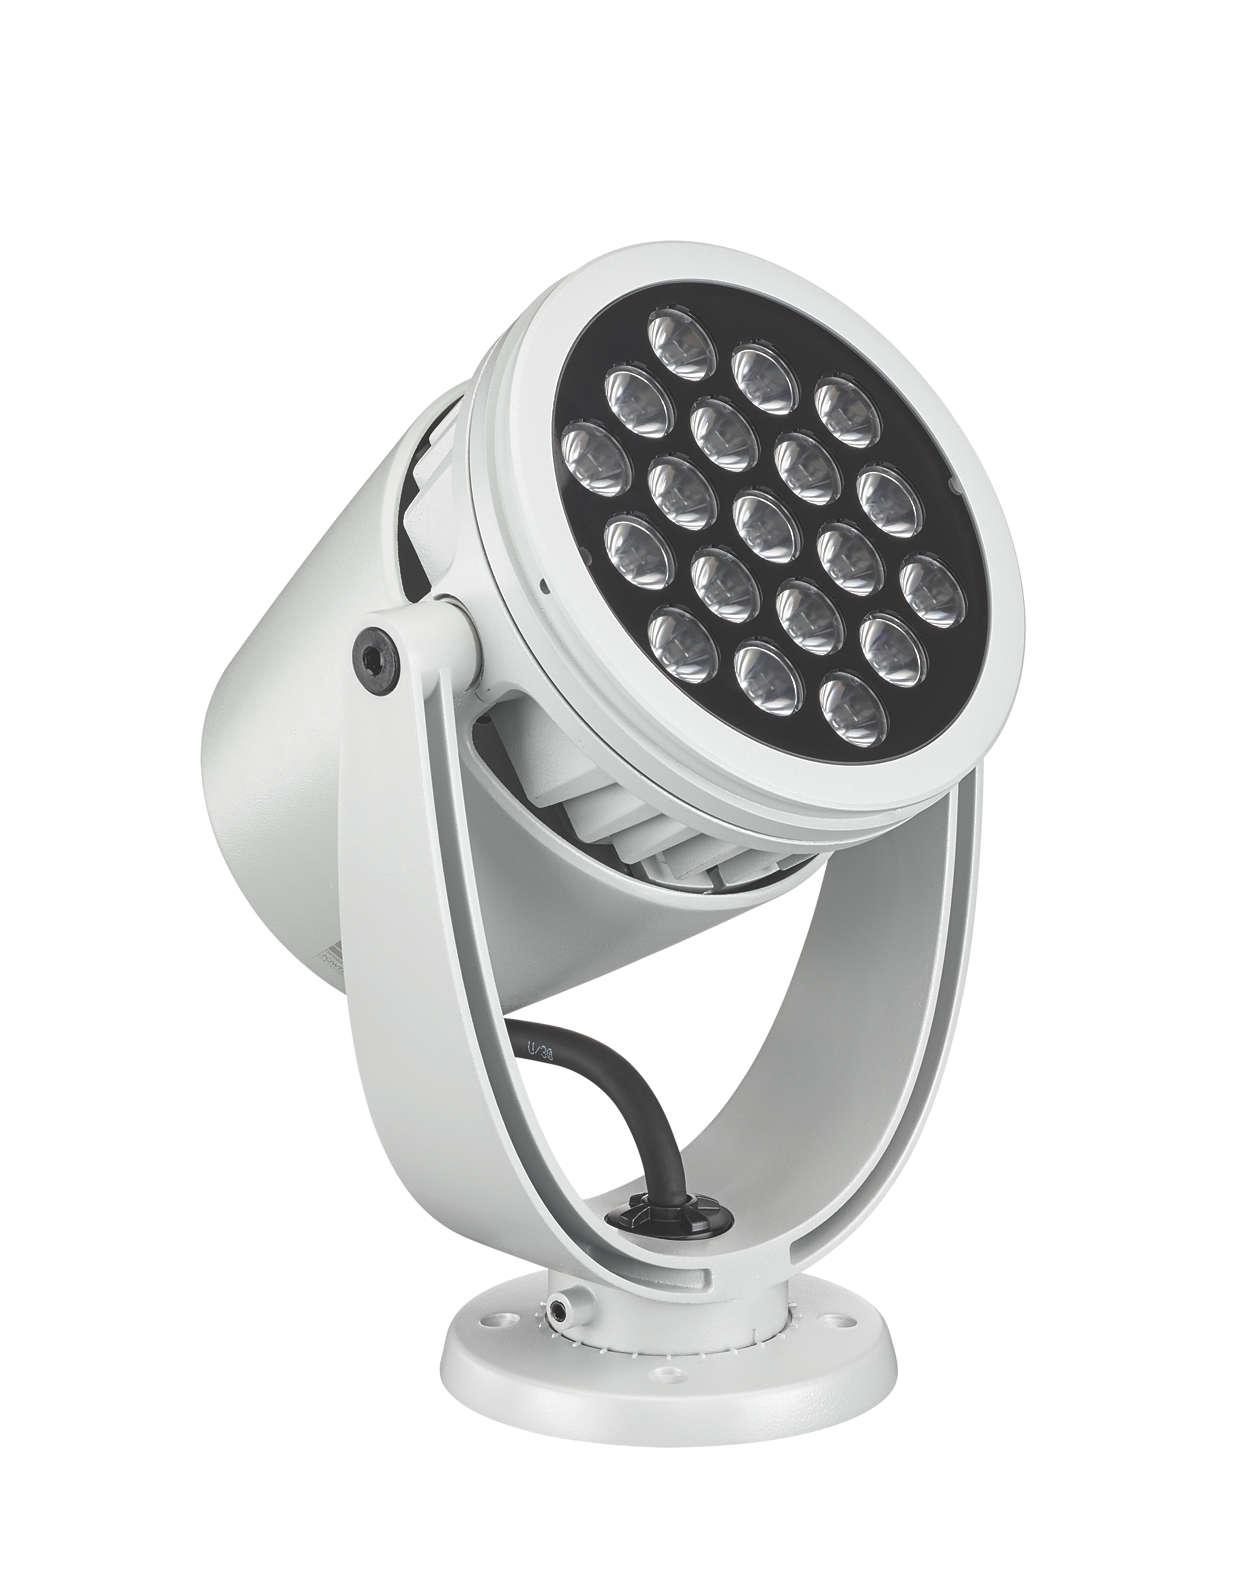 LED-spotbelysning av arkitektur med intelligent fargelys